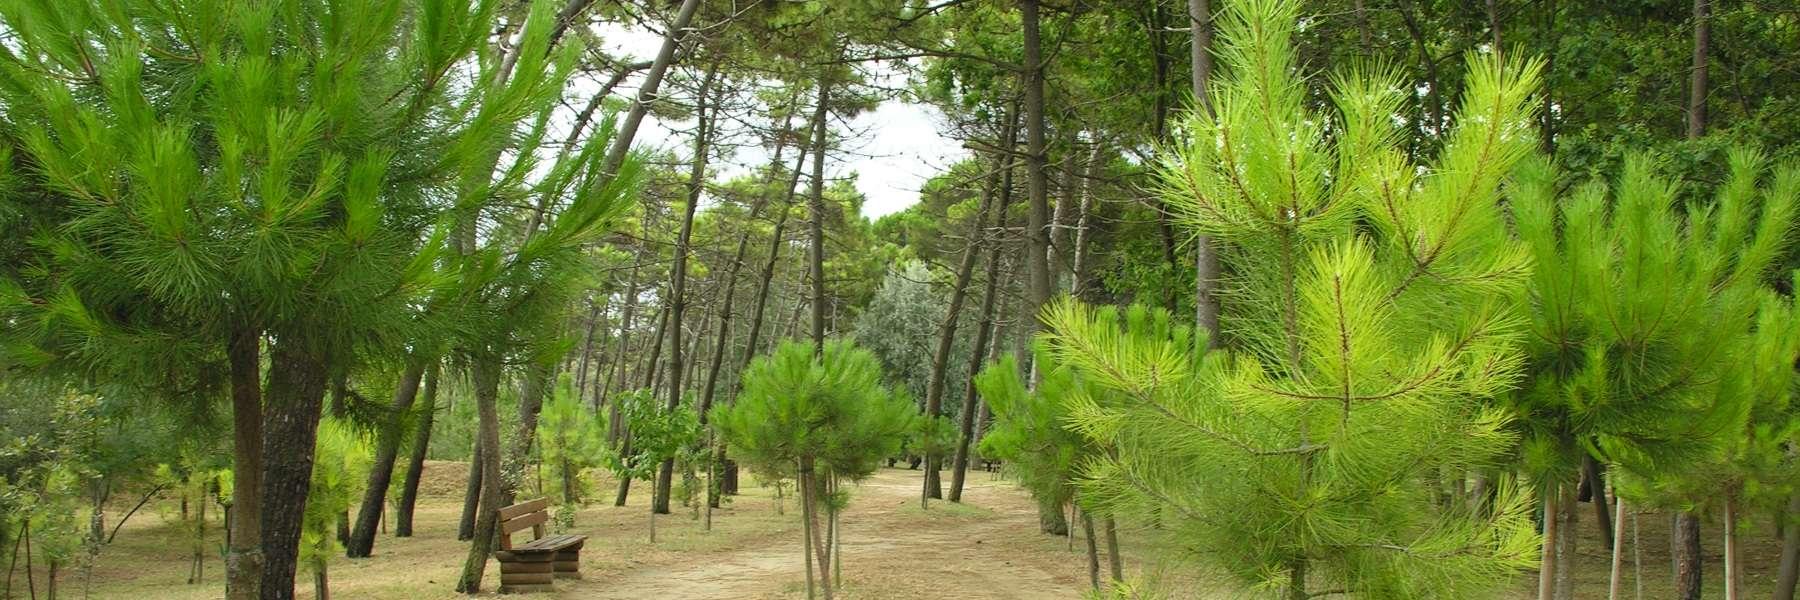 Pinewood regulations